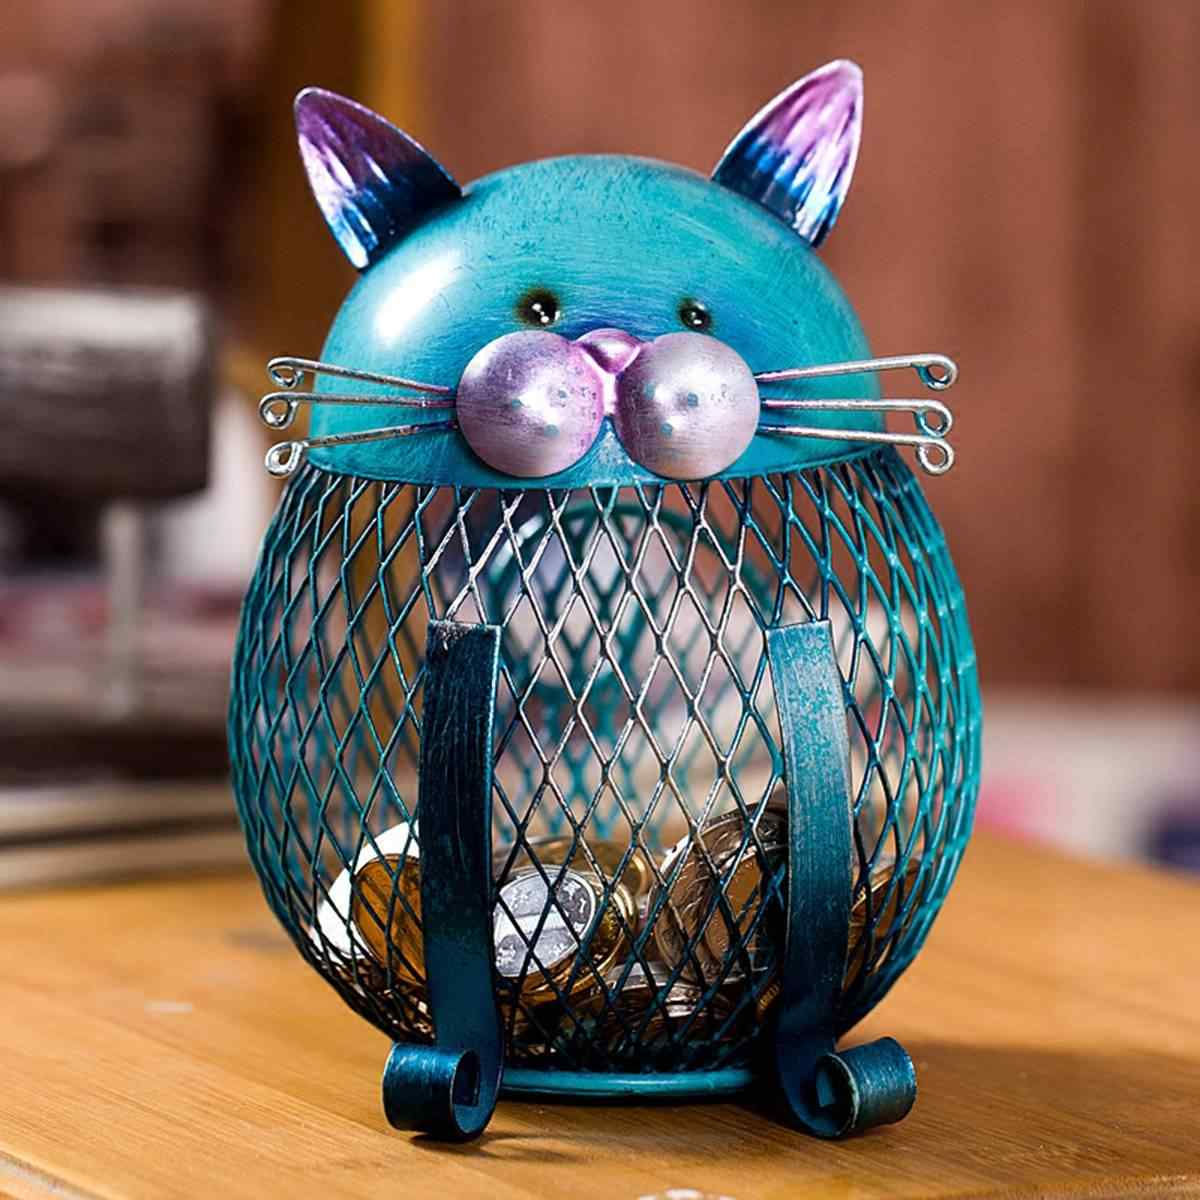 Hucha de gato Tooarts, hucha de Metal, caja de dinero, caja de monedas, ahorro de dinero, decoración del hogar, regalo de Año Nuevo de Navidad para niños